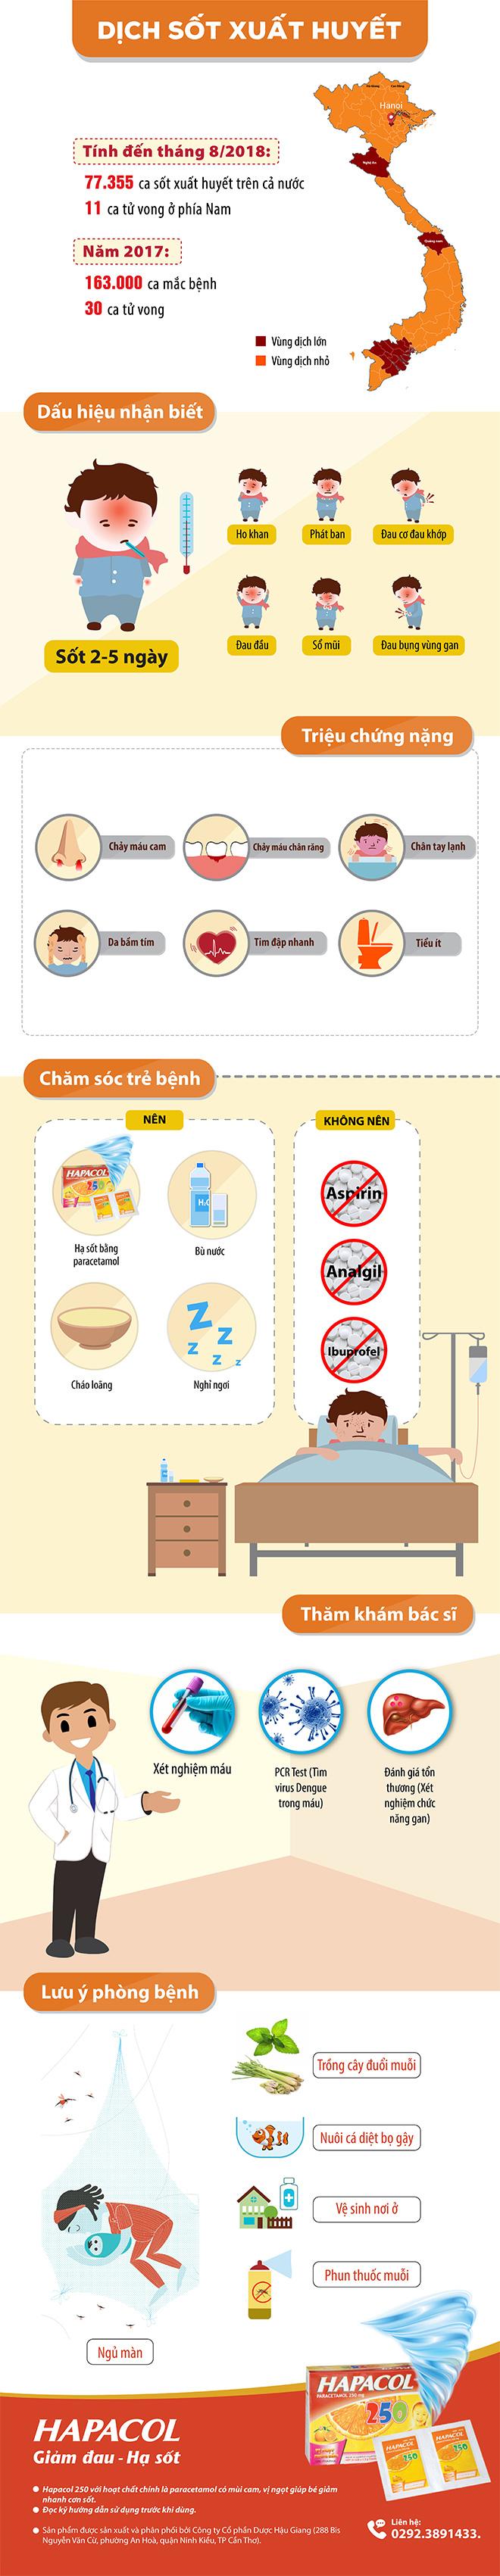 Nhận biết và xử trí bệnh sốt xuất huyết ở trẻ nhỏ - 1